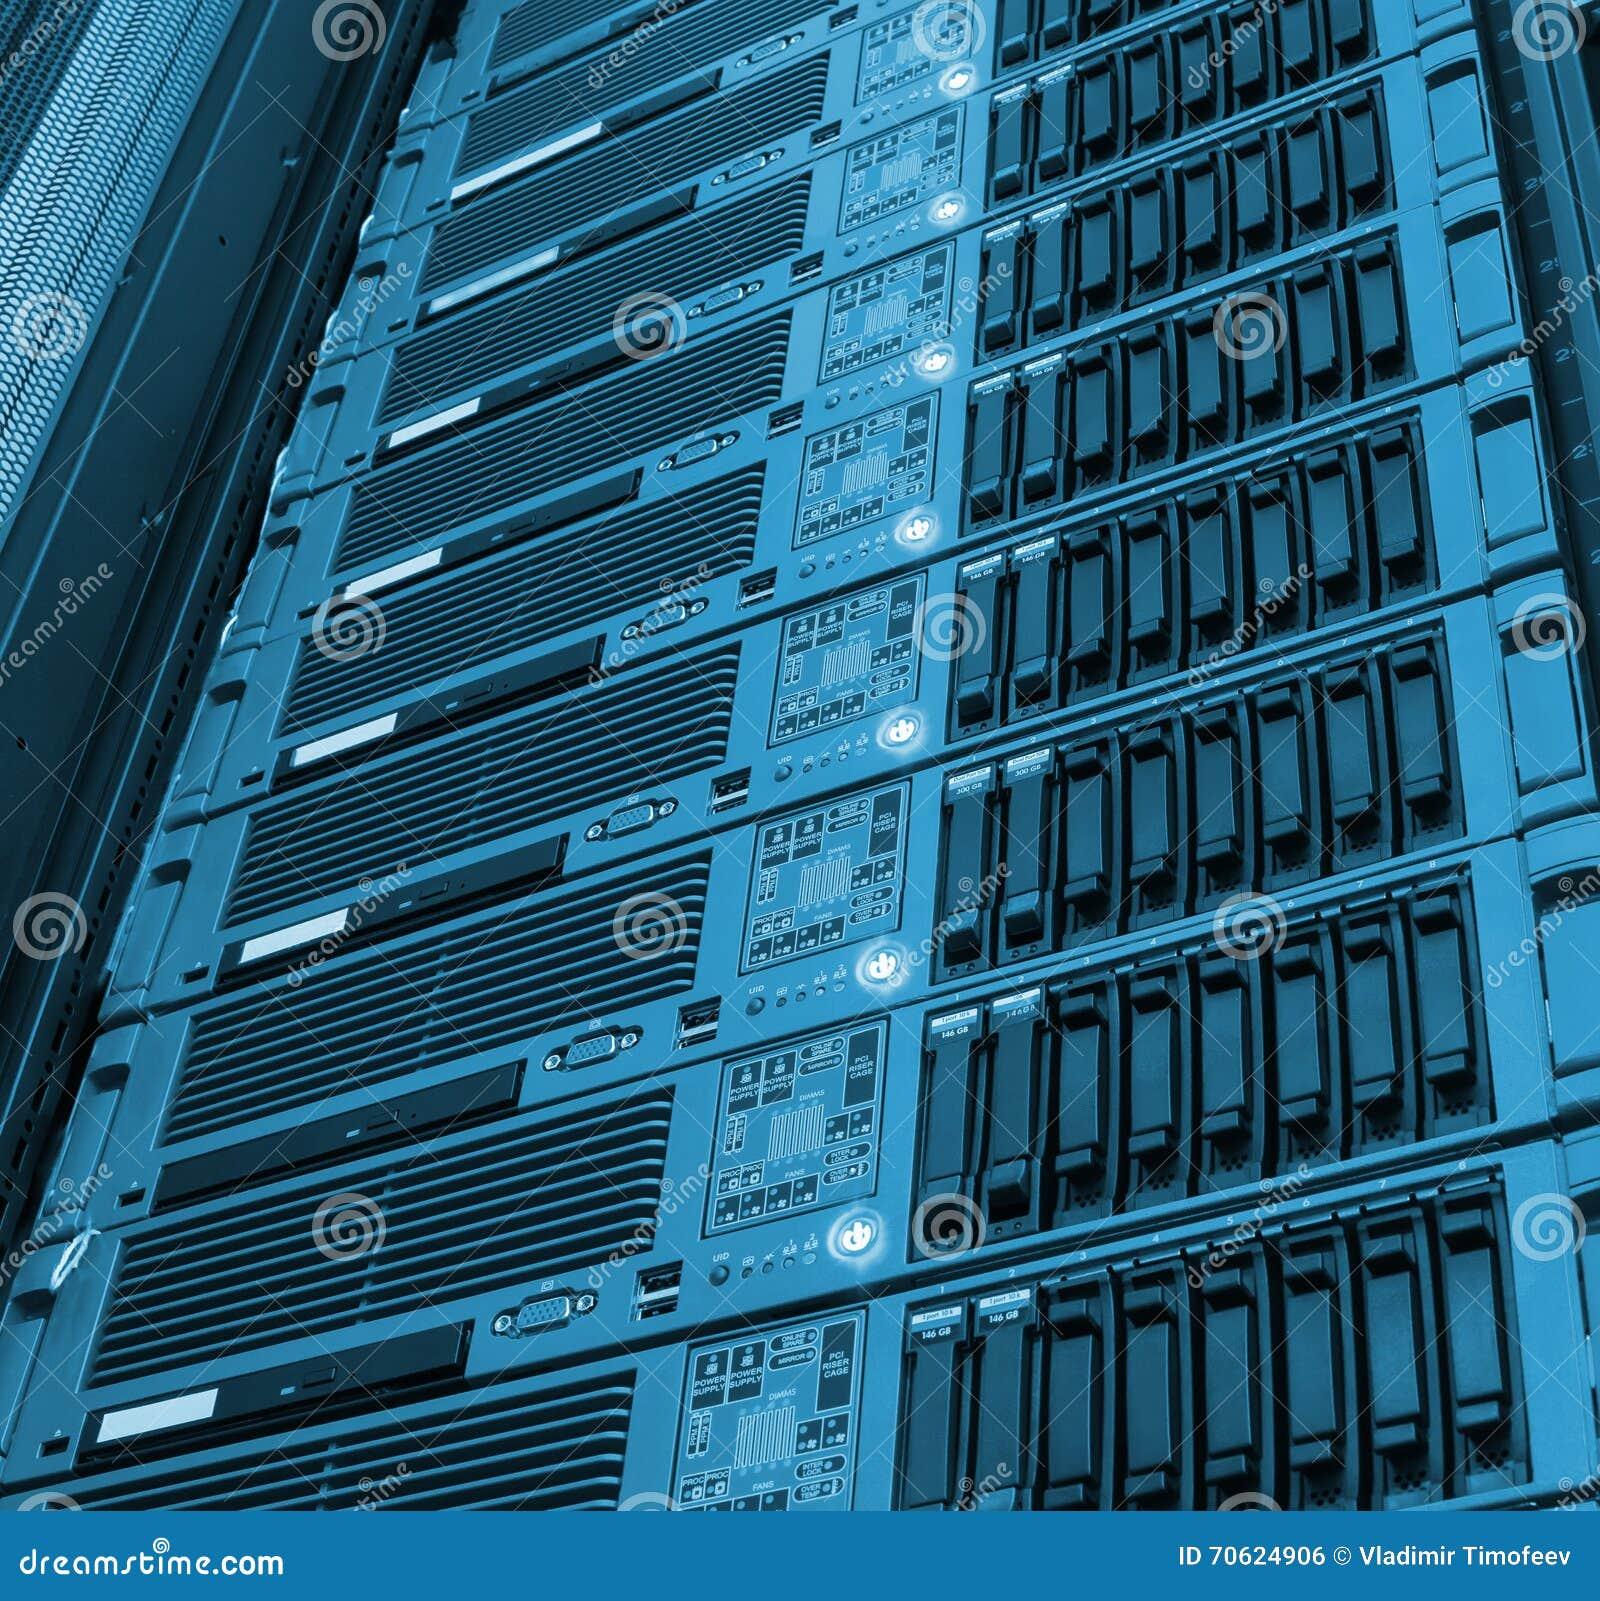 Bladserie van de gegevensverwerking en de opslag van de centrale verwerkingseenheidsverwerking